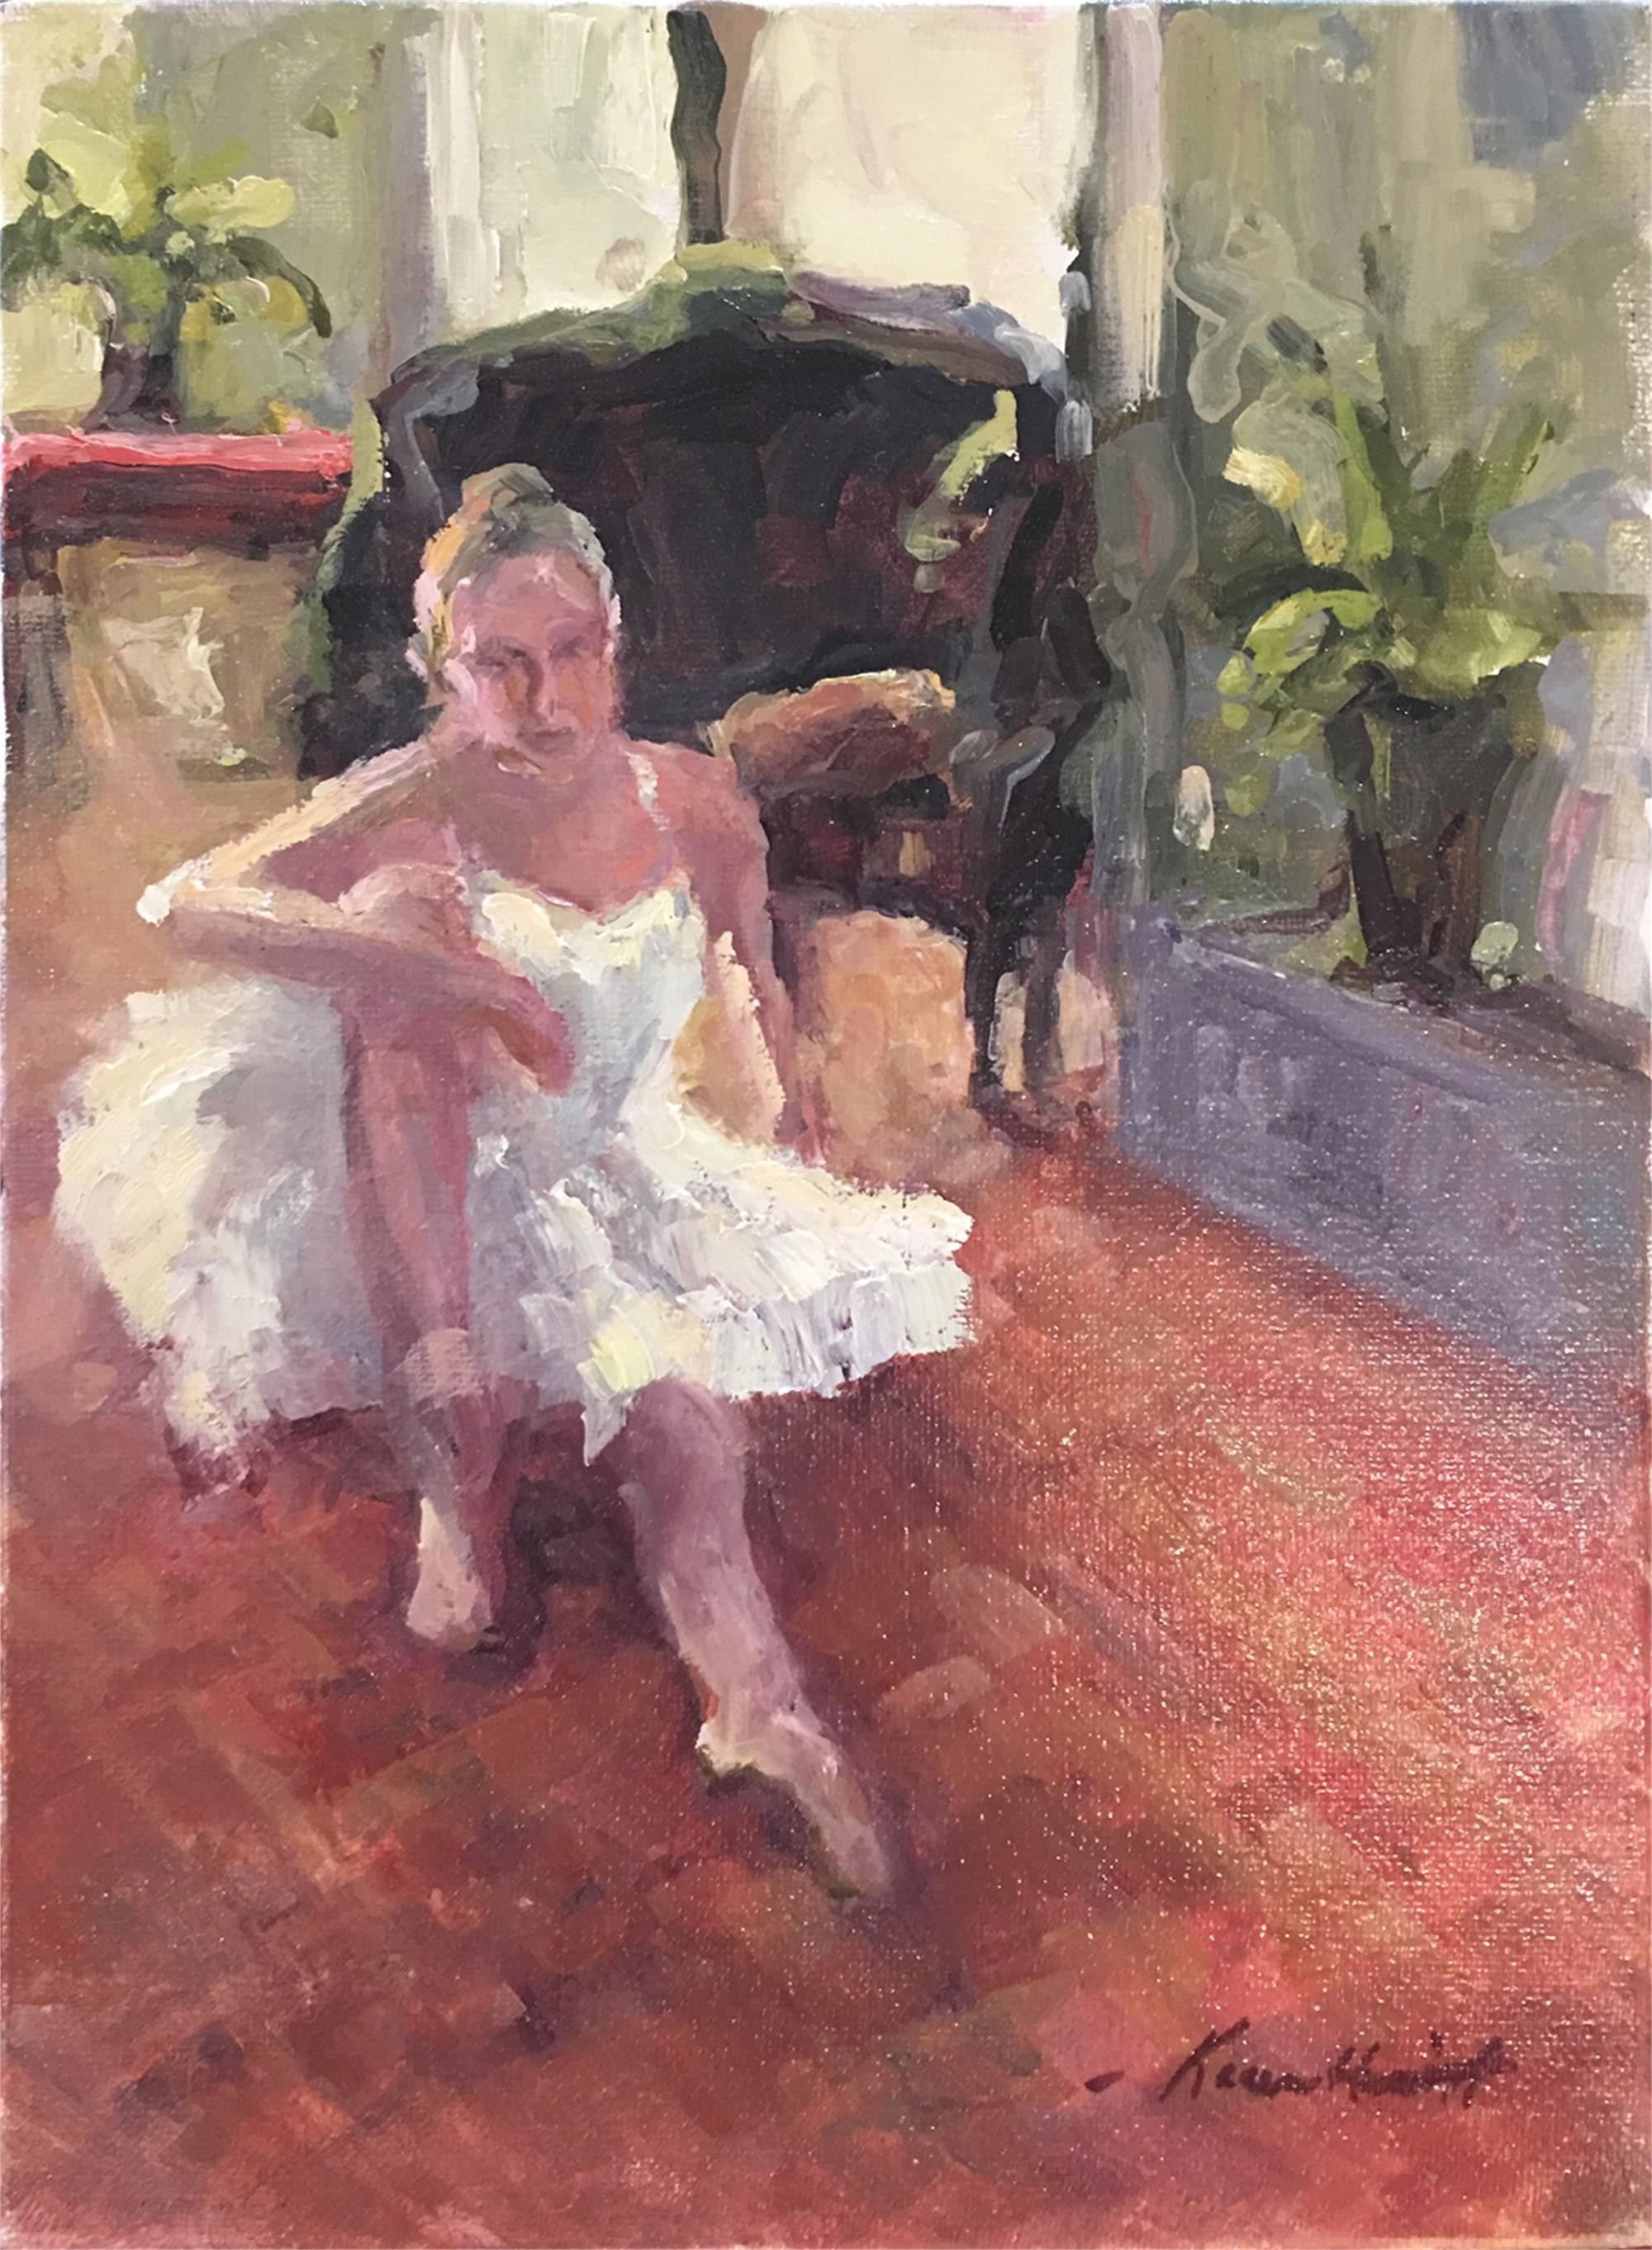 Dancer in Sunlight by Karen Hewitt Hagan